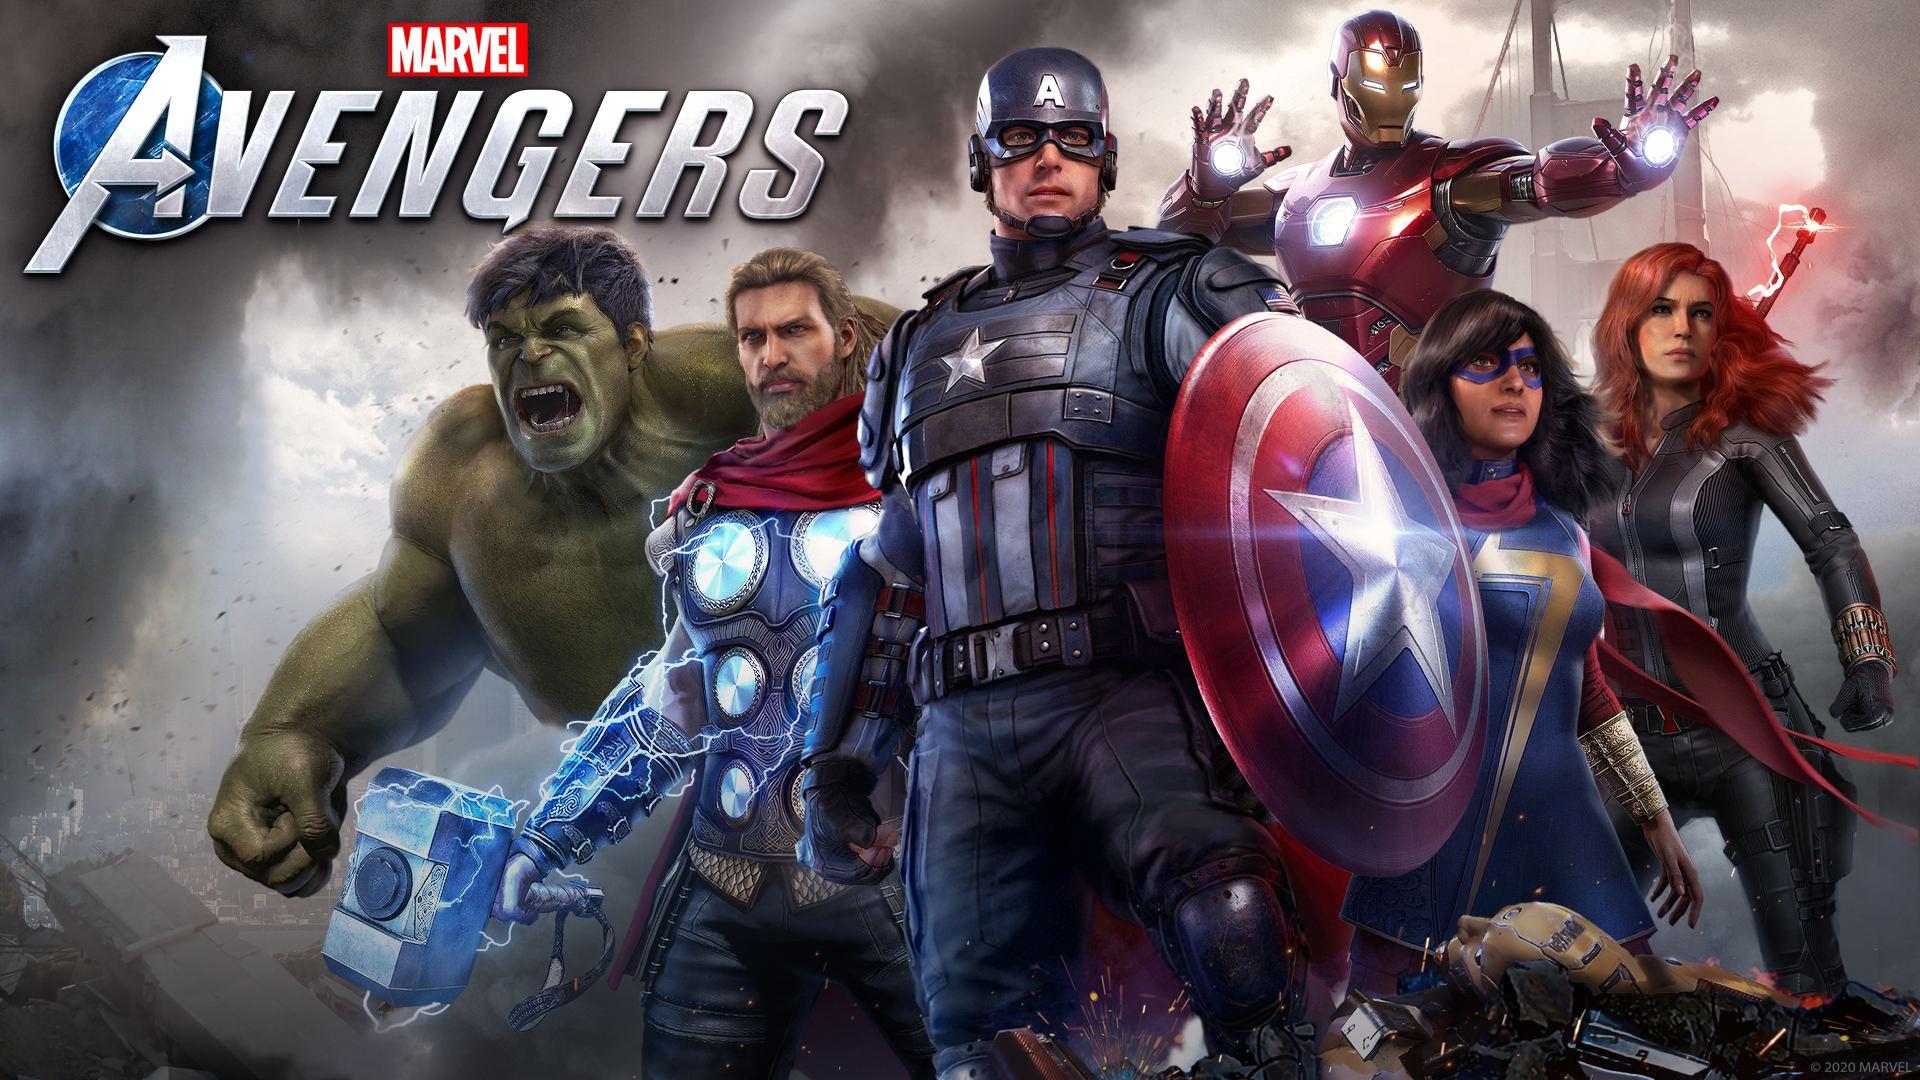 Marvel's Avengers Key Art 1920×1080